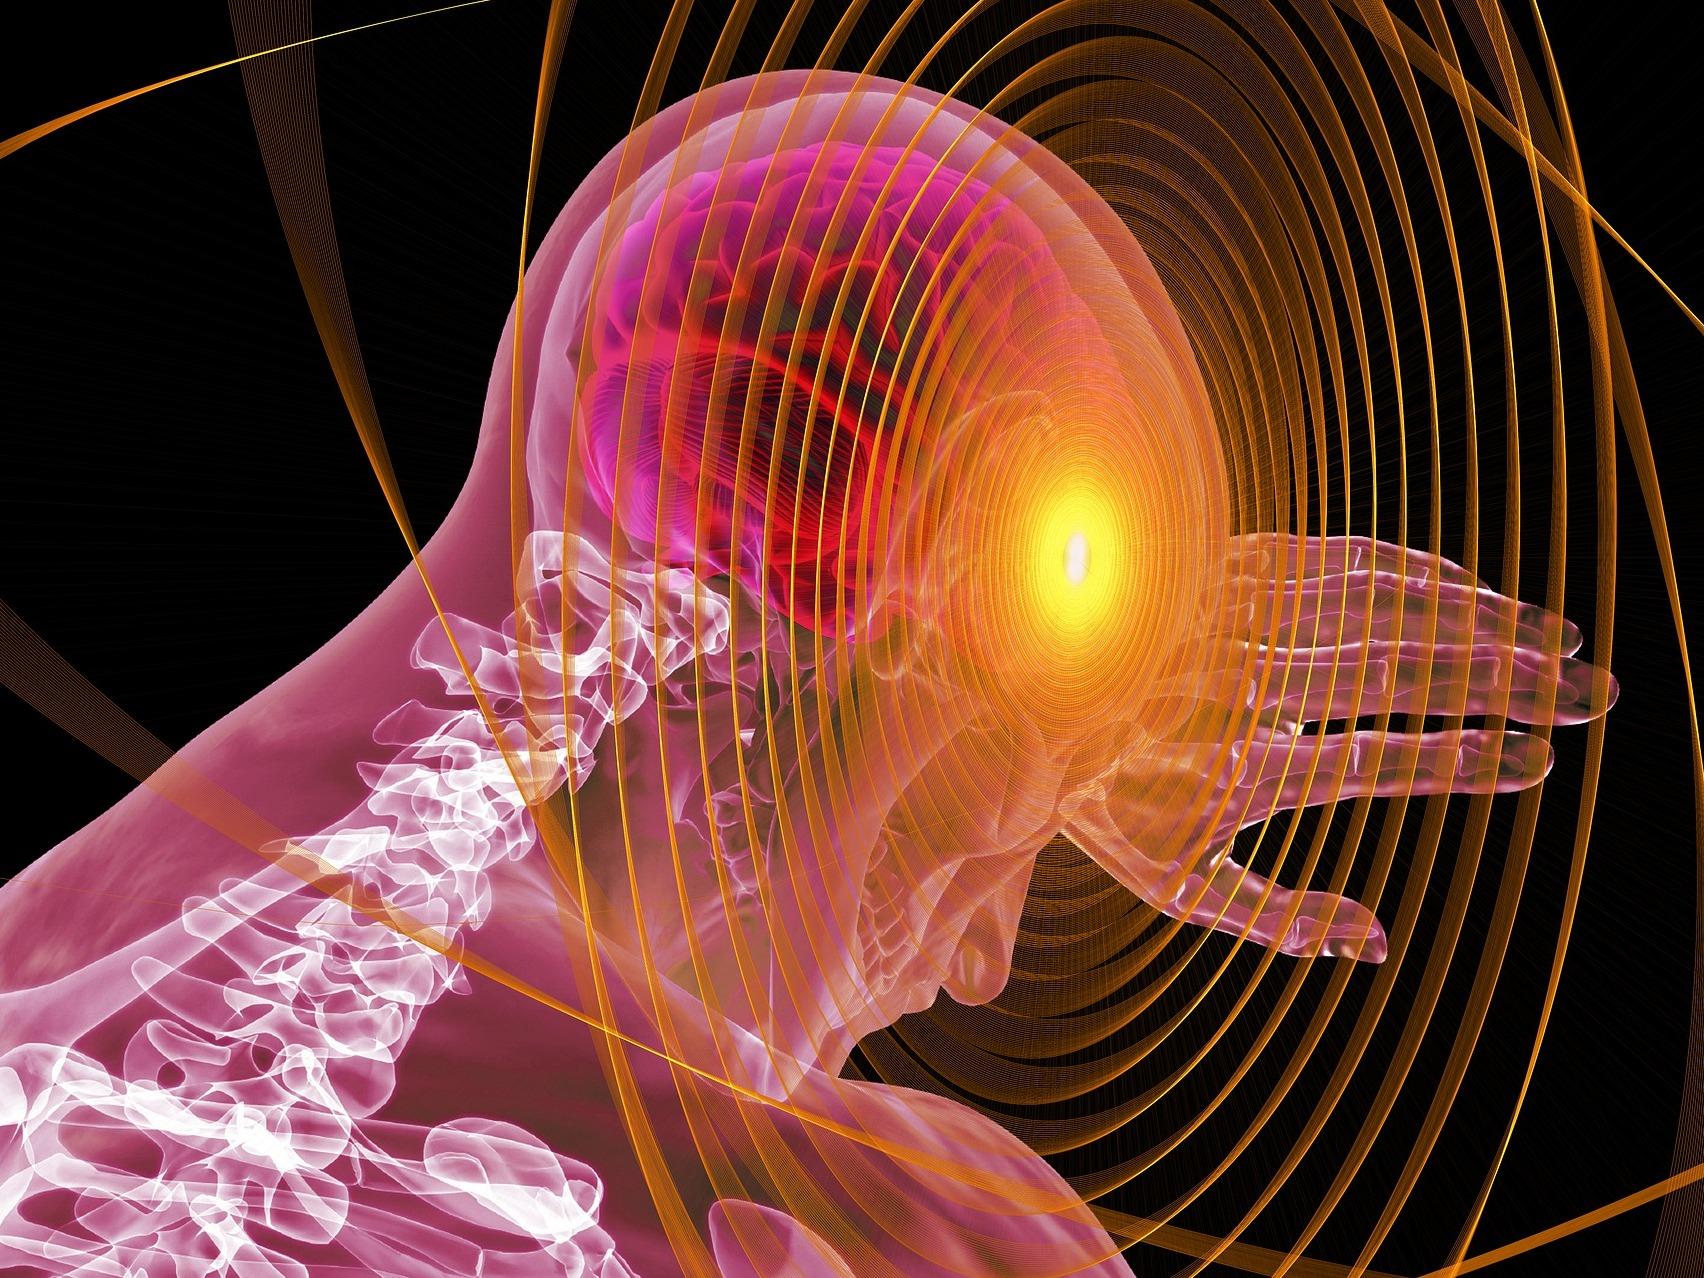 Allergiehypnose: Einbildung oder Behandlungsalternative? (Was Hypnose im Körper macht)